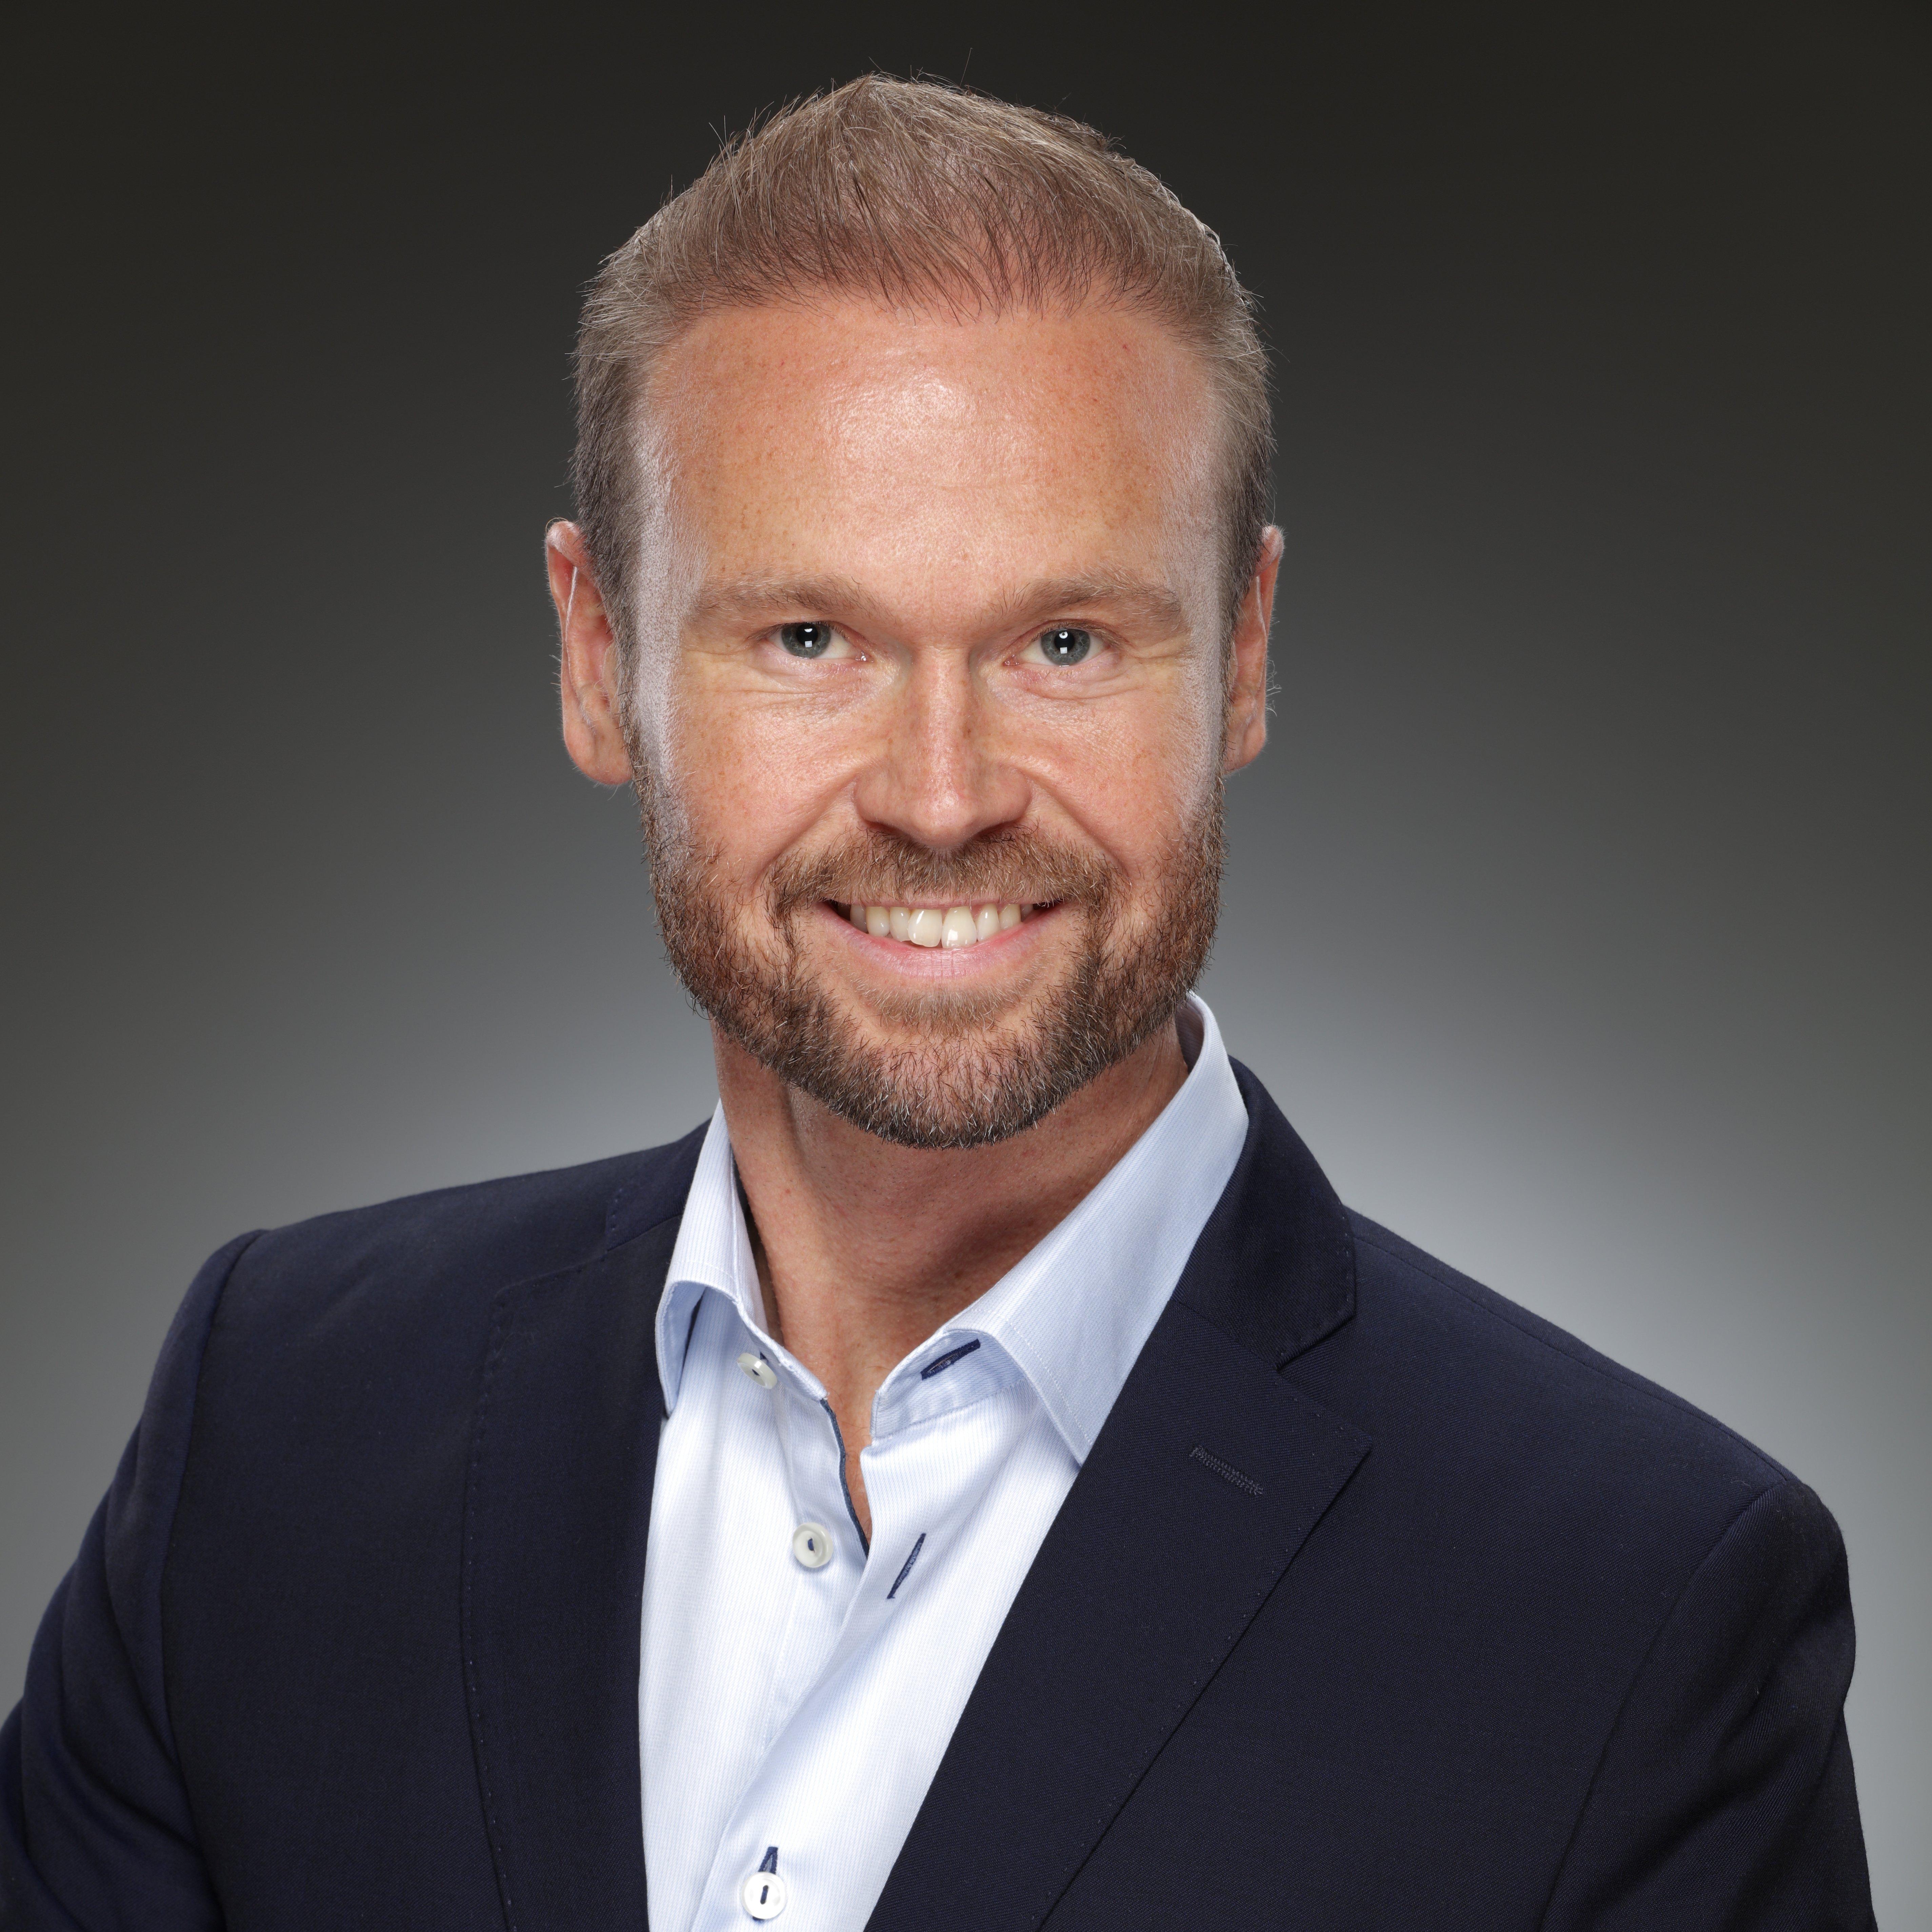 Fredrik Forslund